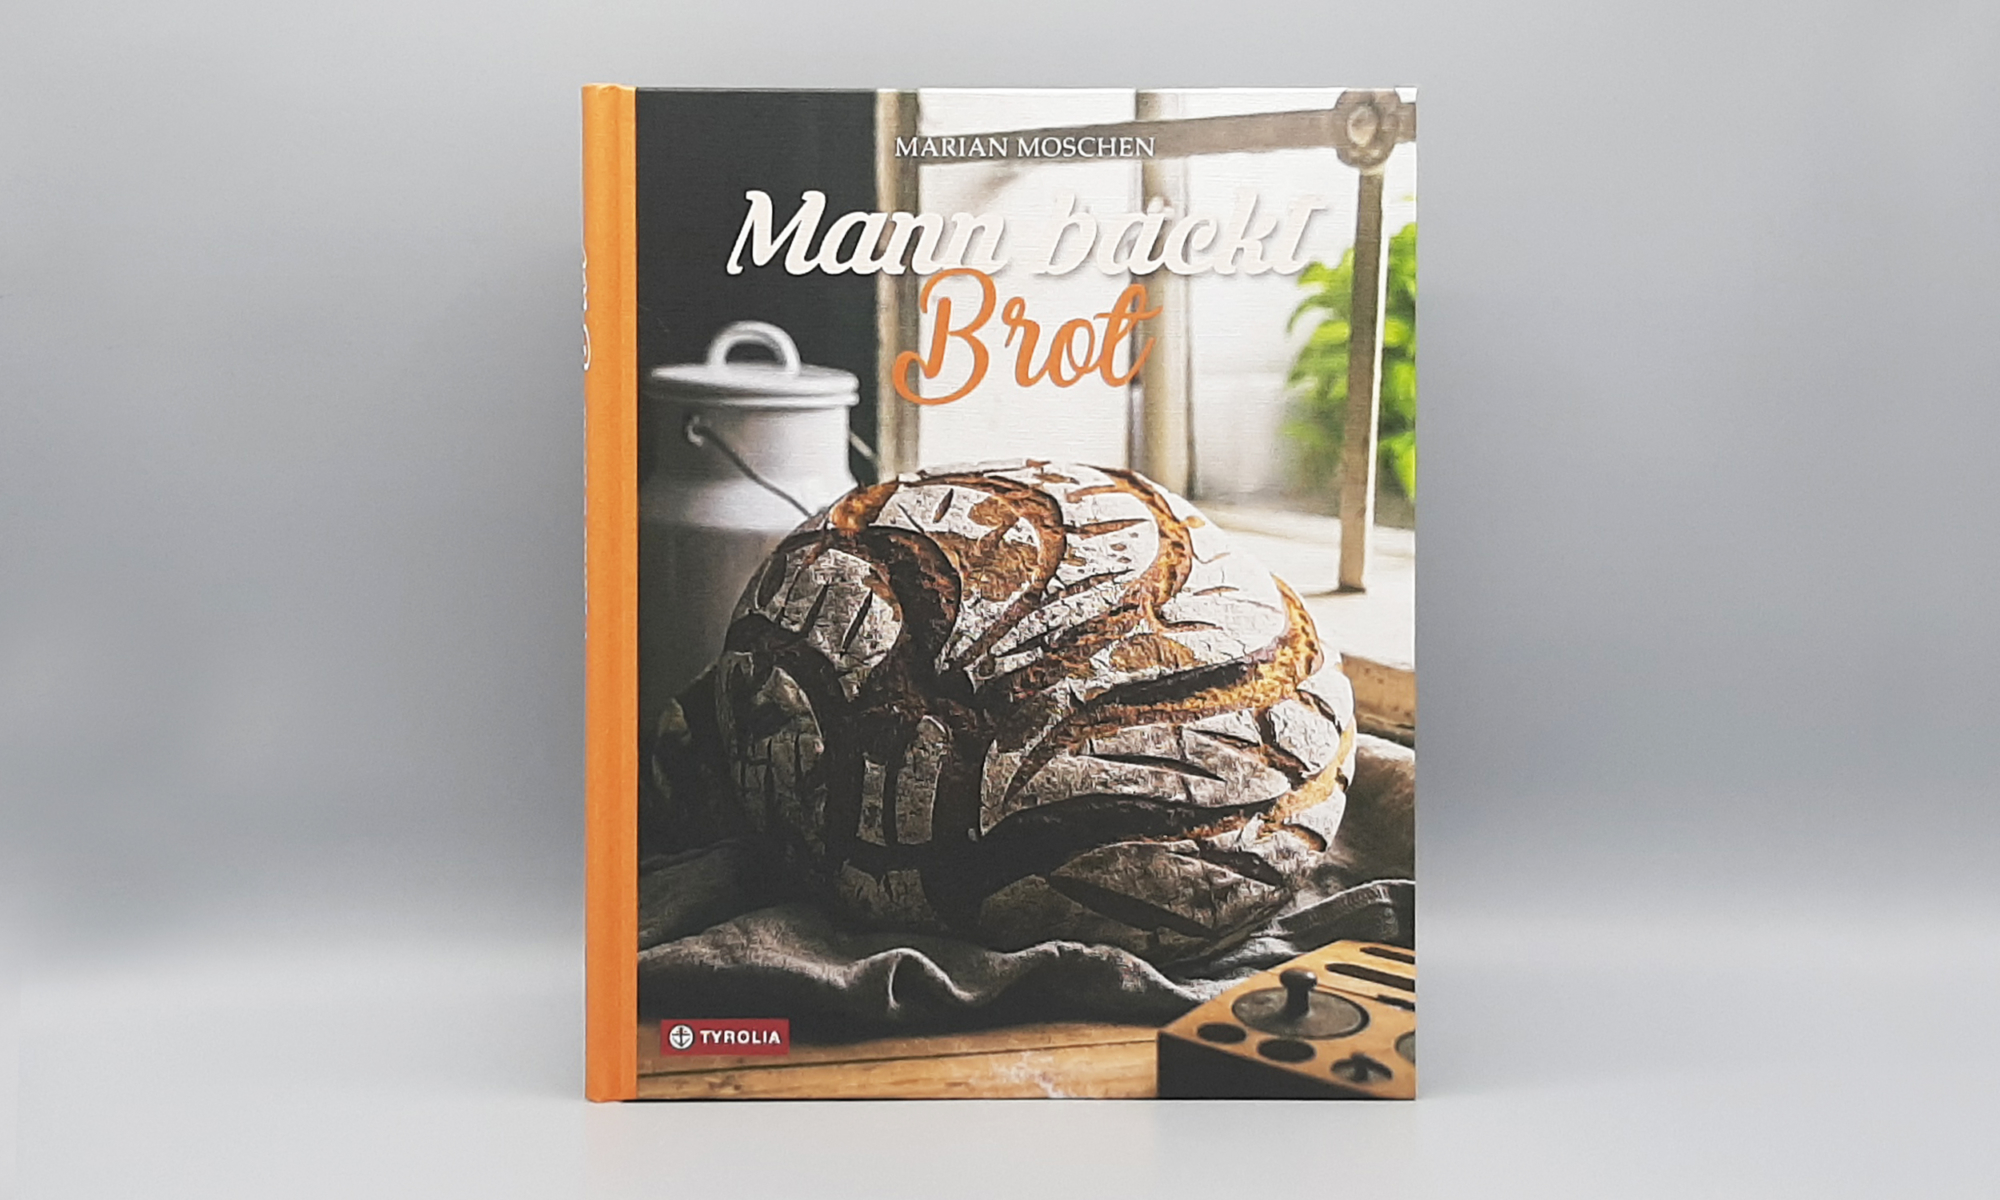 Mann backt Brot2